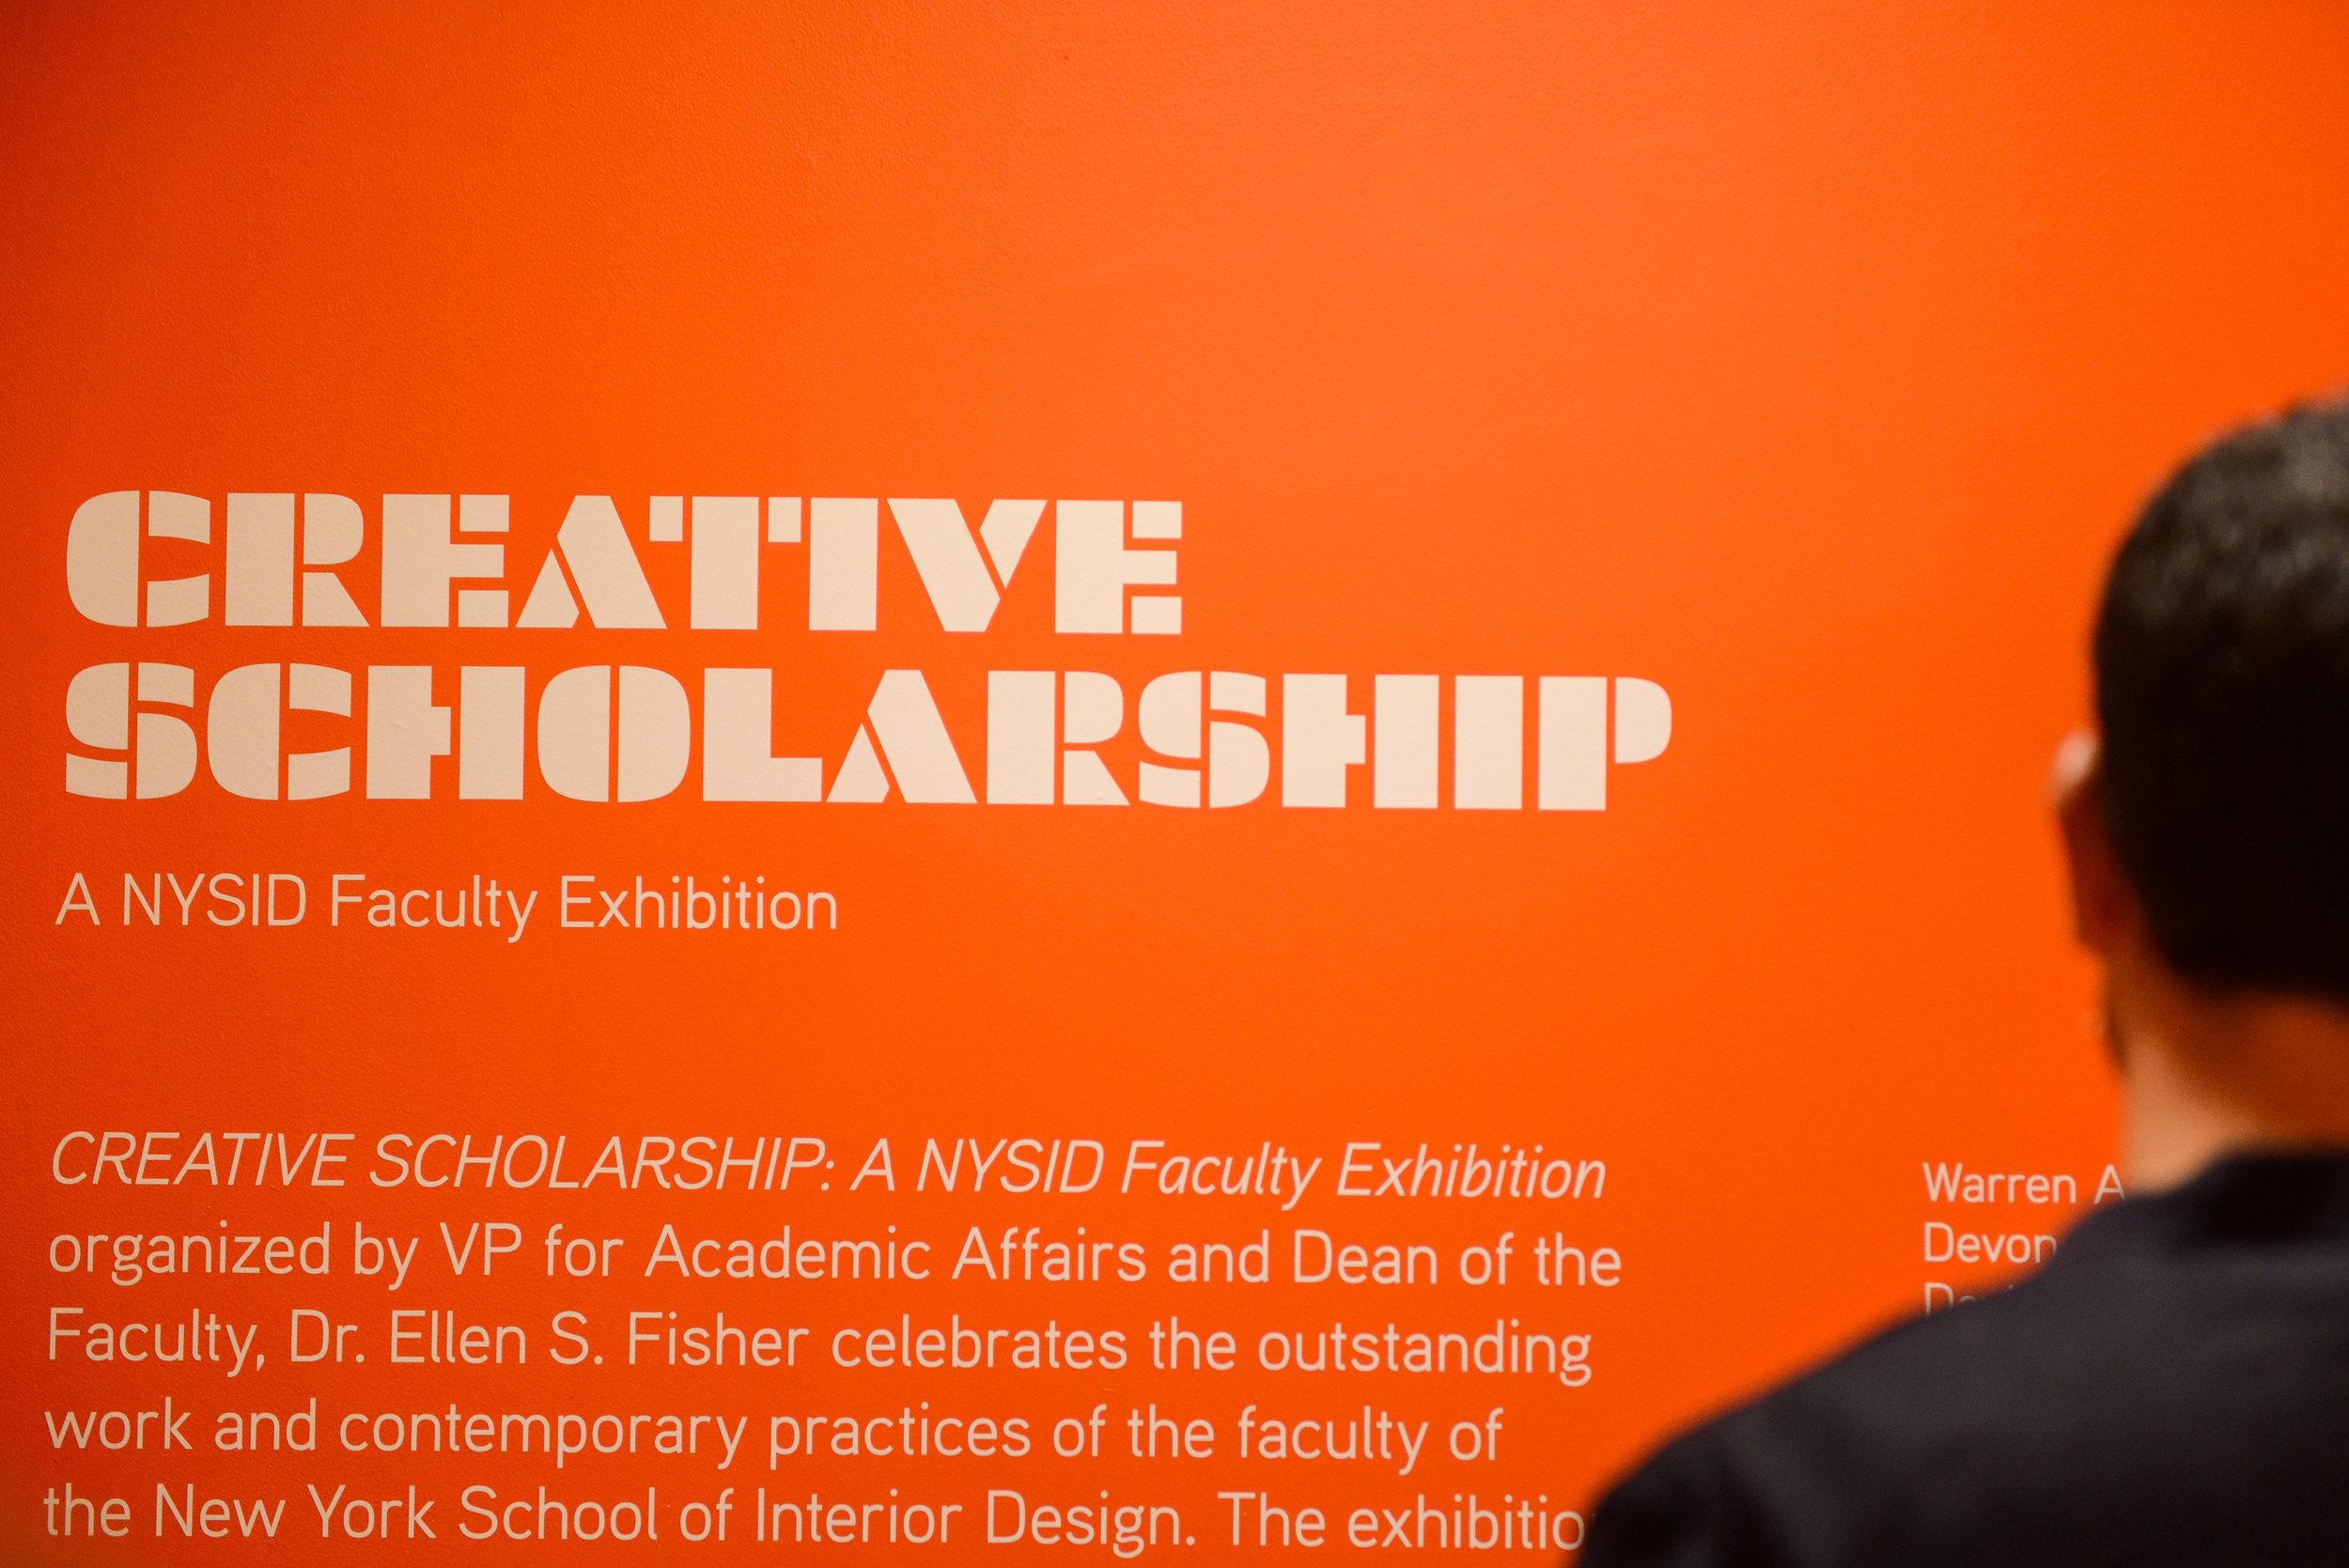 creative-scholarship-a-nysid-faculty-exhibition_36804087594_o[1].jpg